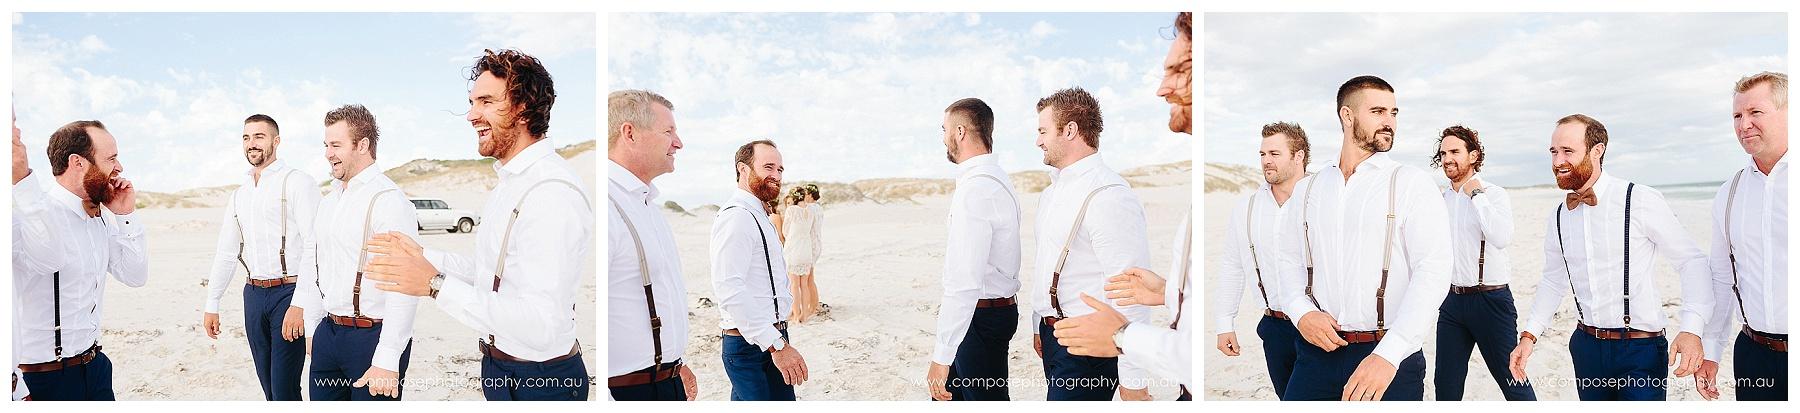 groomsmen attire perth